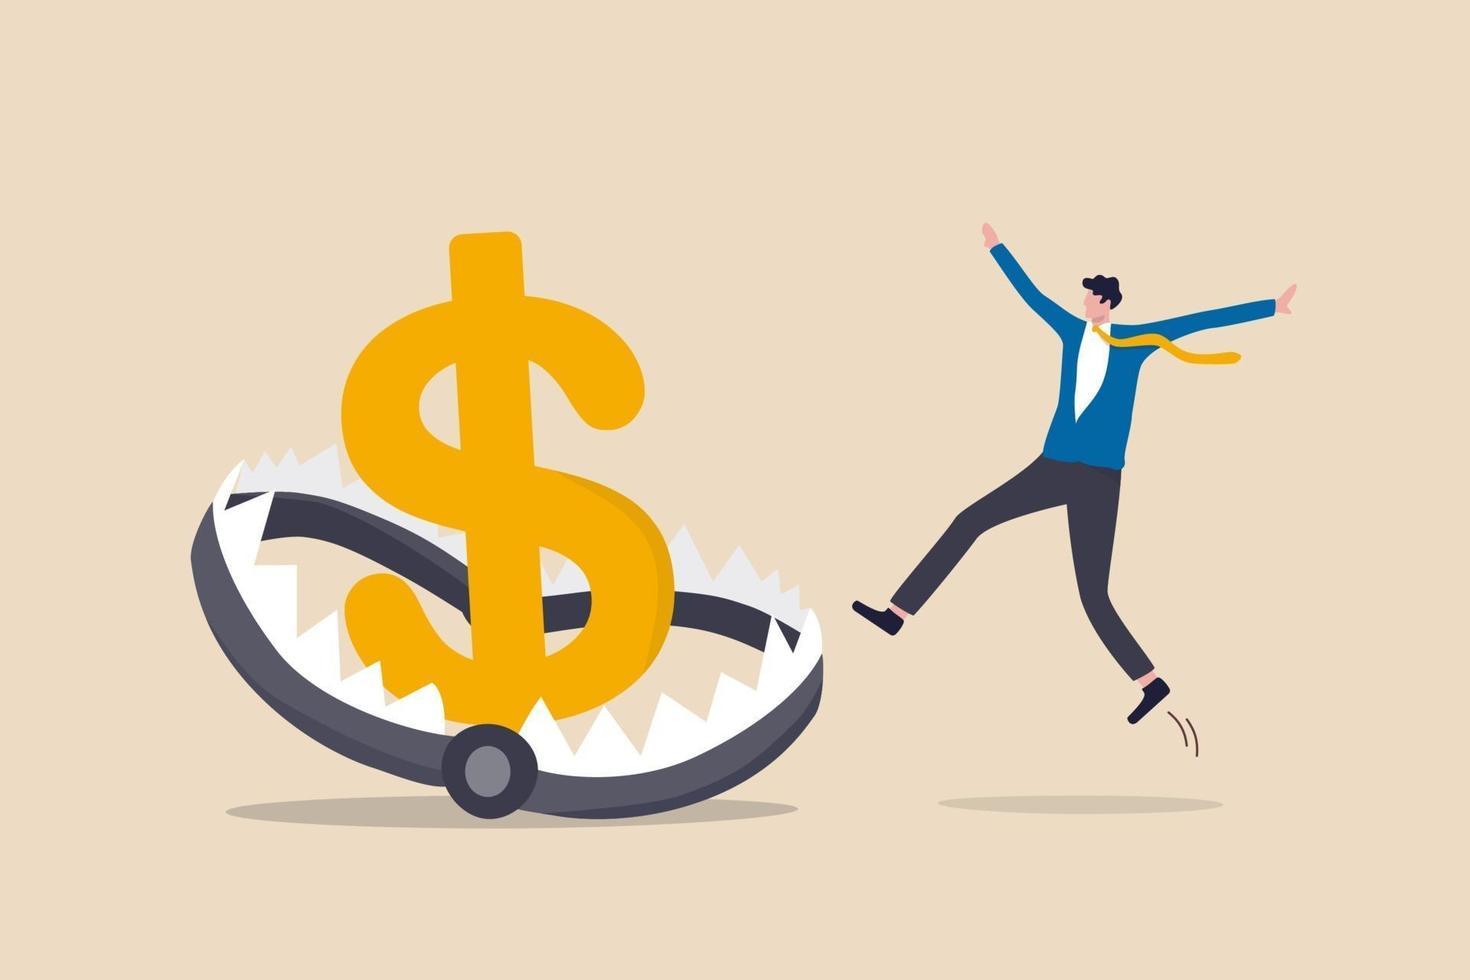 trampa de dinero financiero, riesgo en la inversión, esquema ponzi o concepto de trampa empresarial, empresario inversionista corriendo y saltando en trampa de dinero o trampa de ratón con cebo de signo de dólar de gran dinero. vector